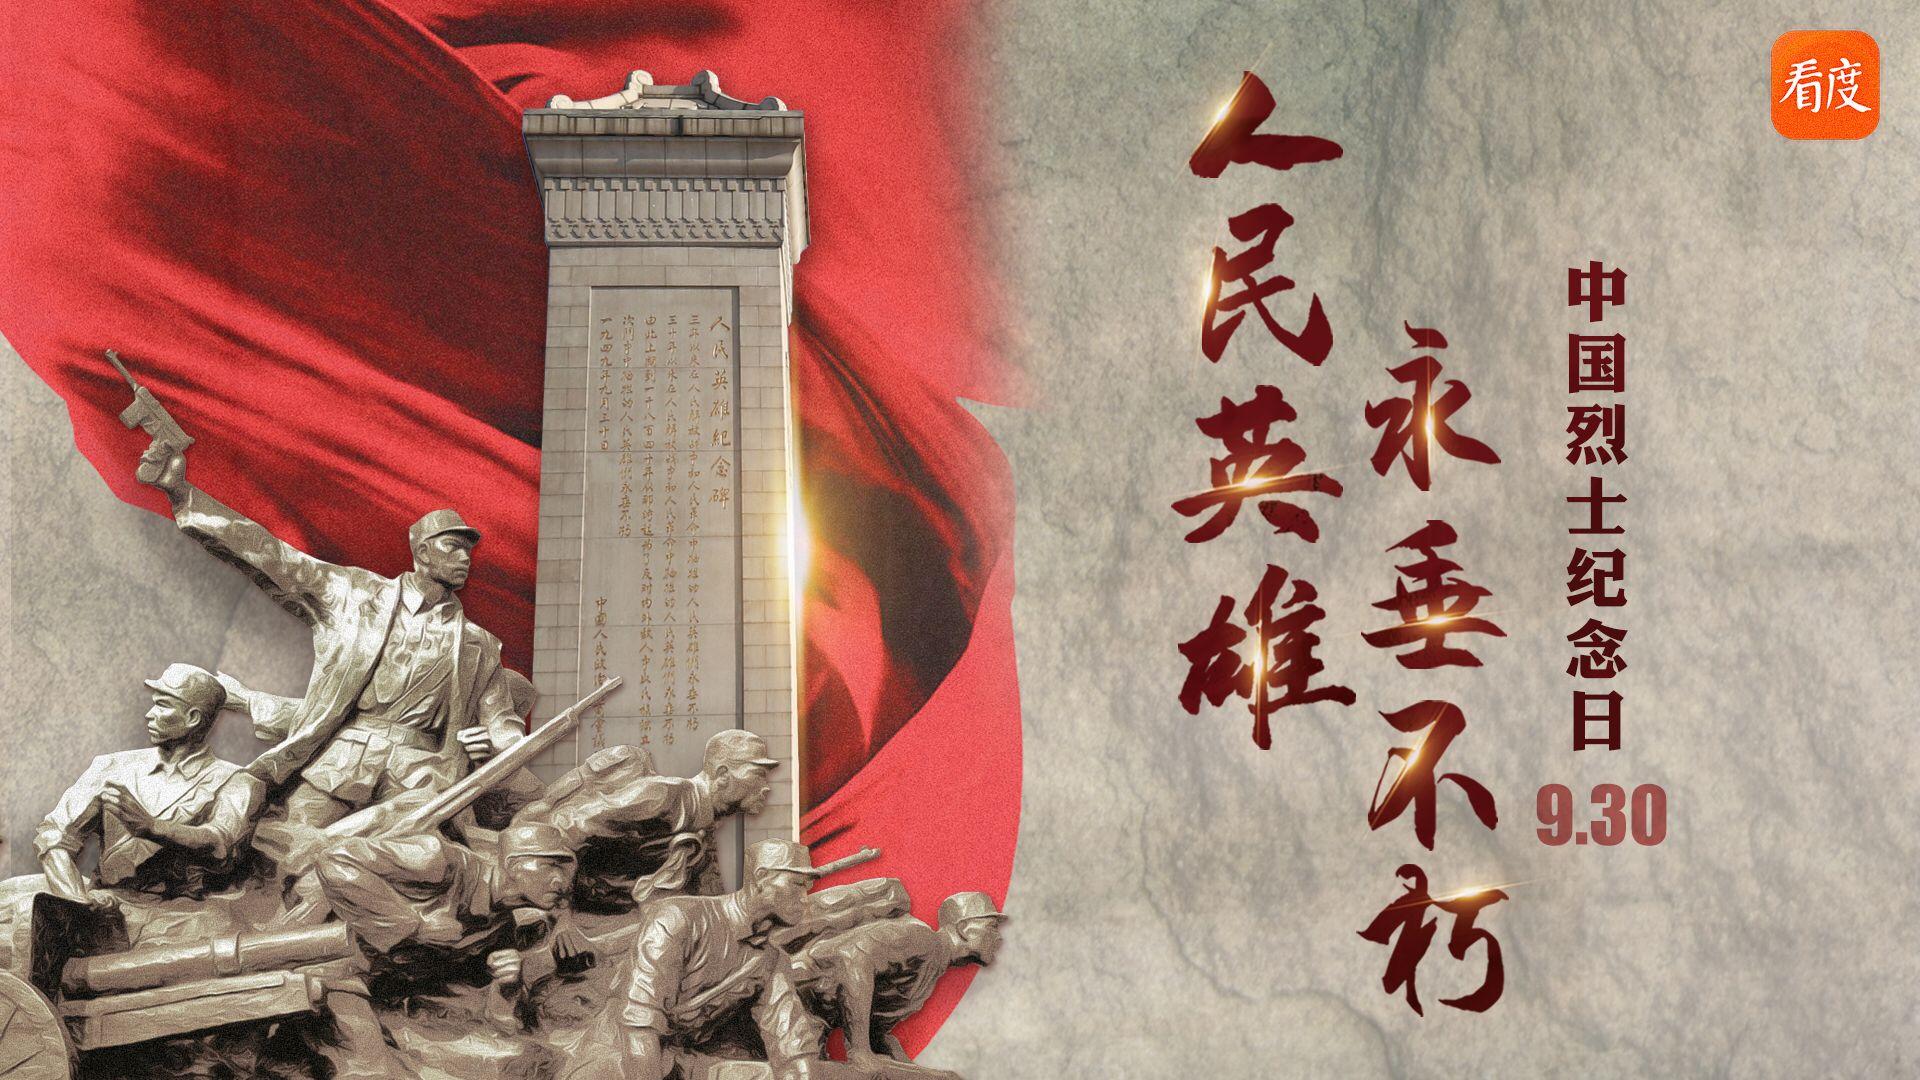 烈士纪念日向人民英雄敬献花篮仪式即将举行 习近平等党和国家领导人将出席